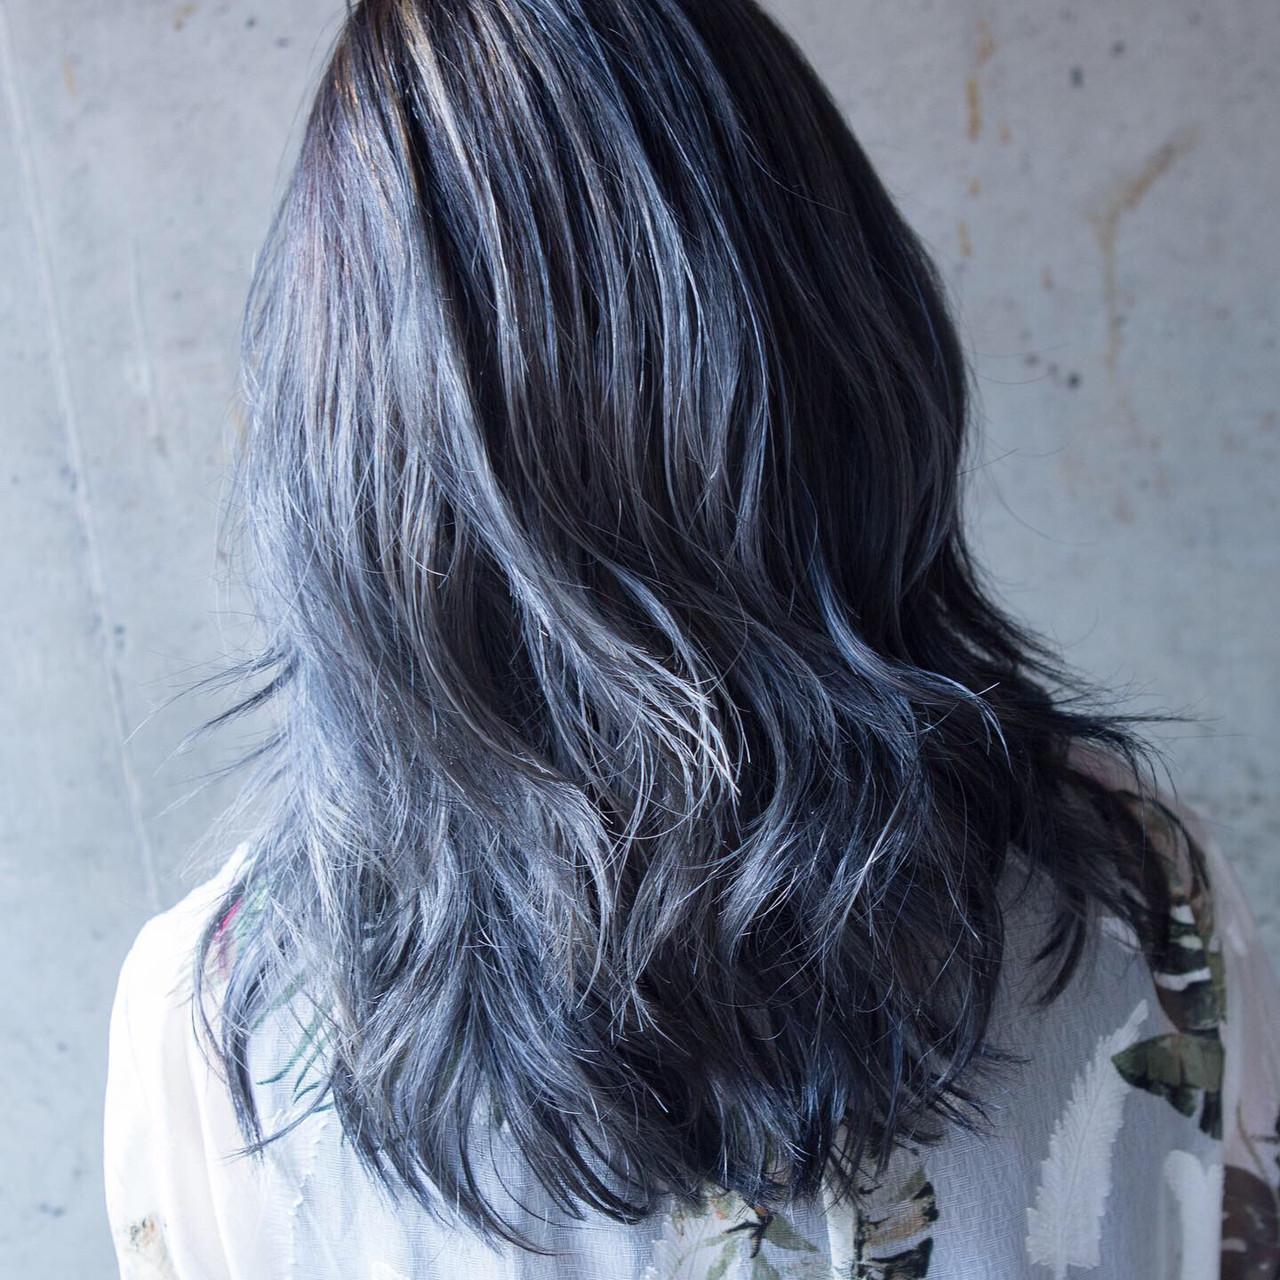 デニム 暗髪 ブルージュ セミロング ヘアスタイルや髪型の写真・画像